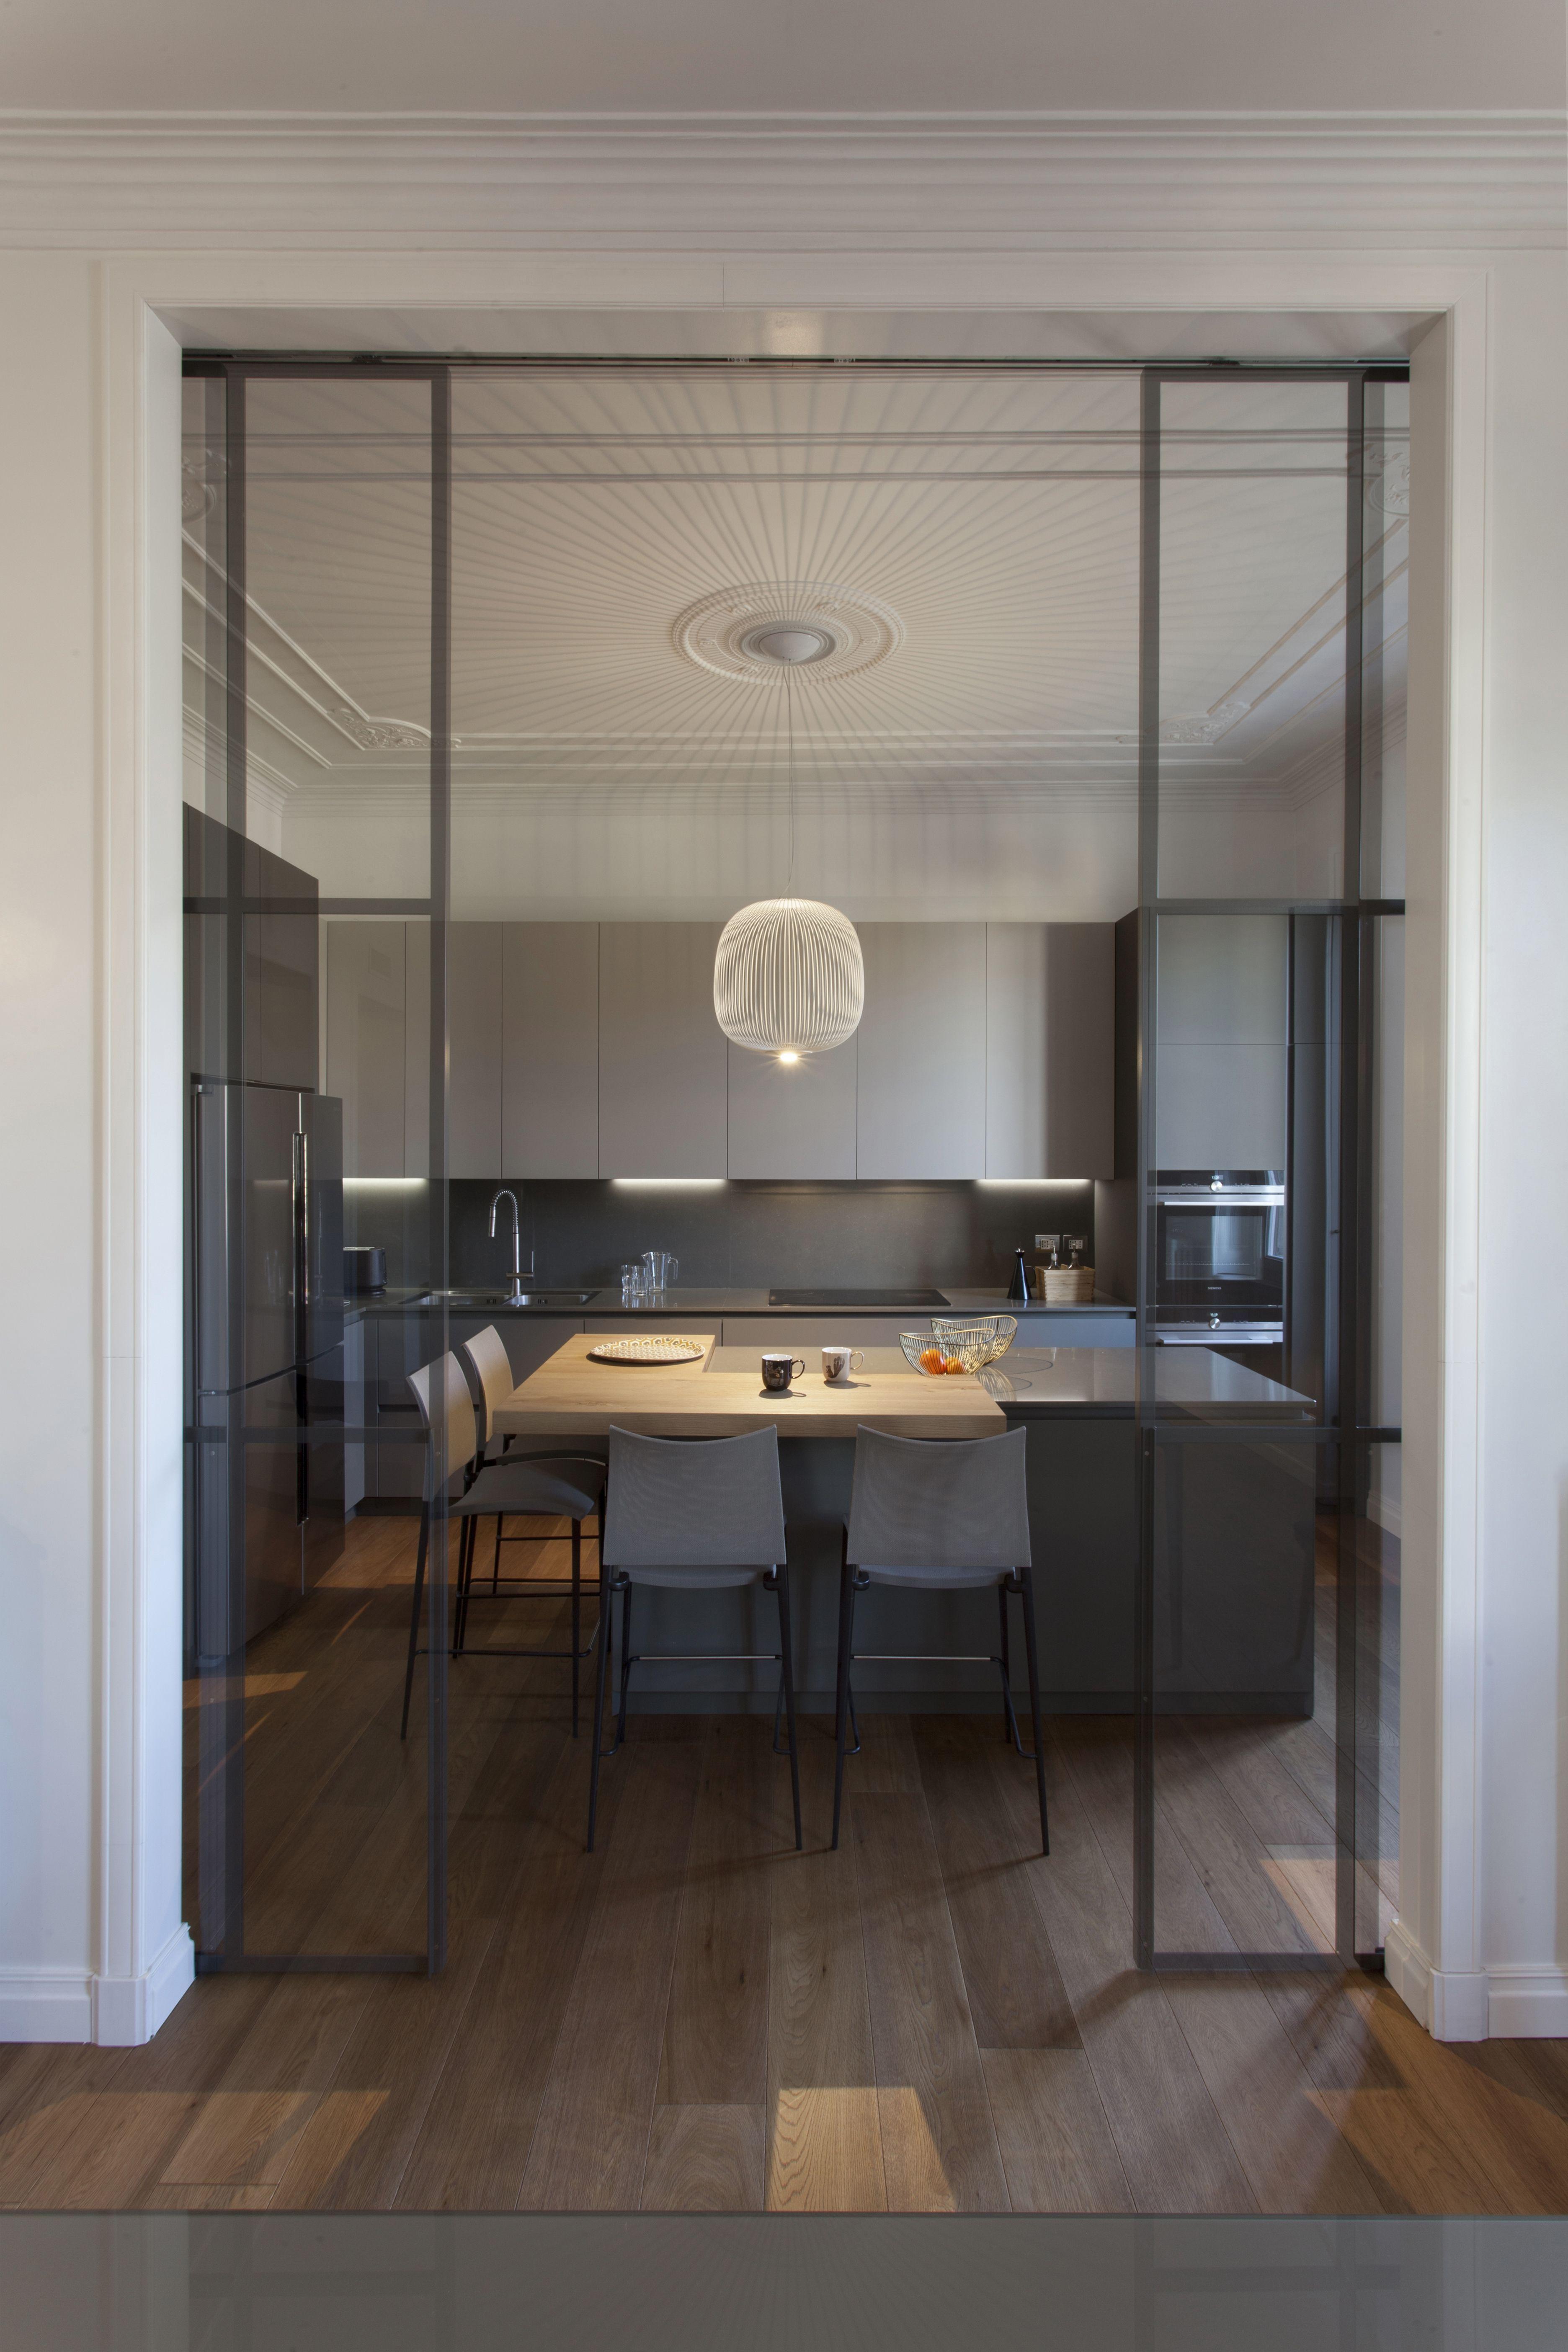 Cucina Con Isola Illuminazione Dettagli Interni Home Decor